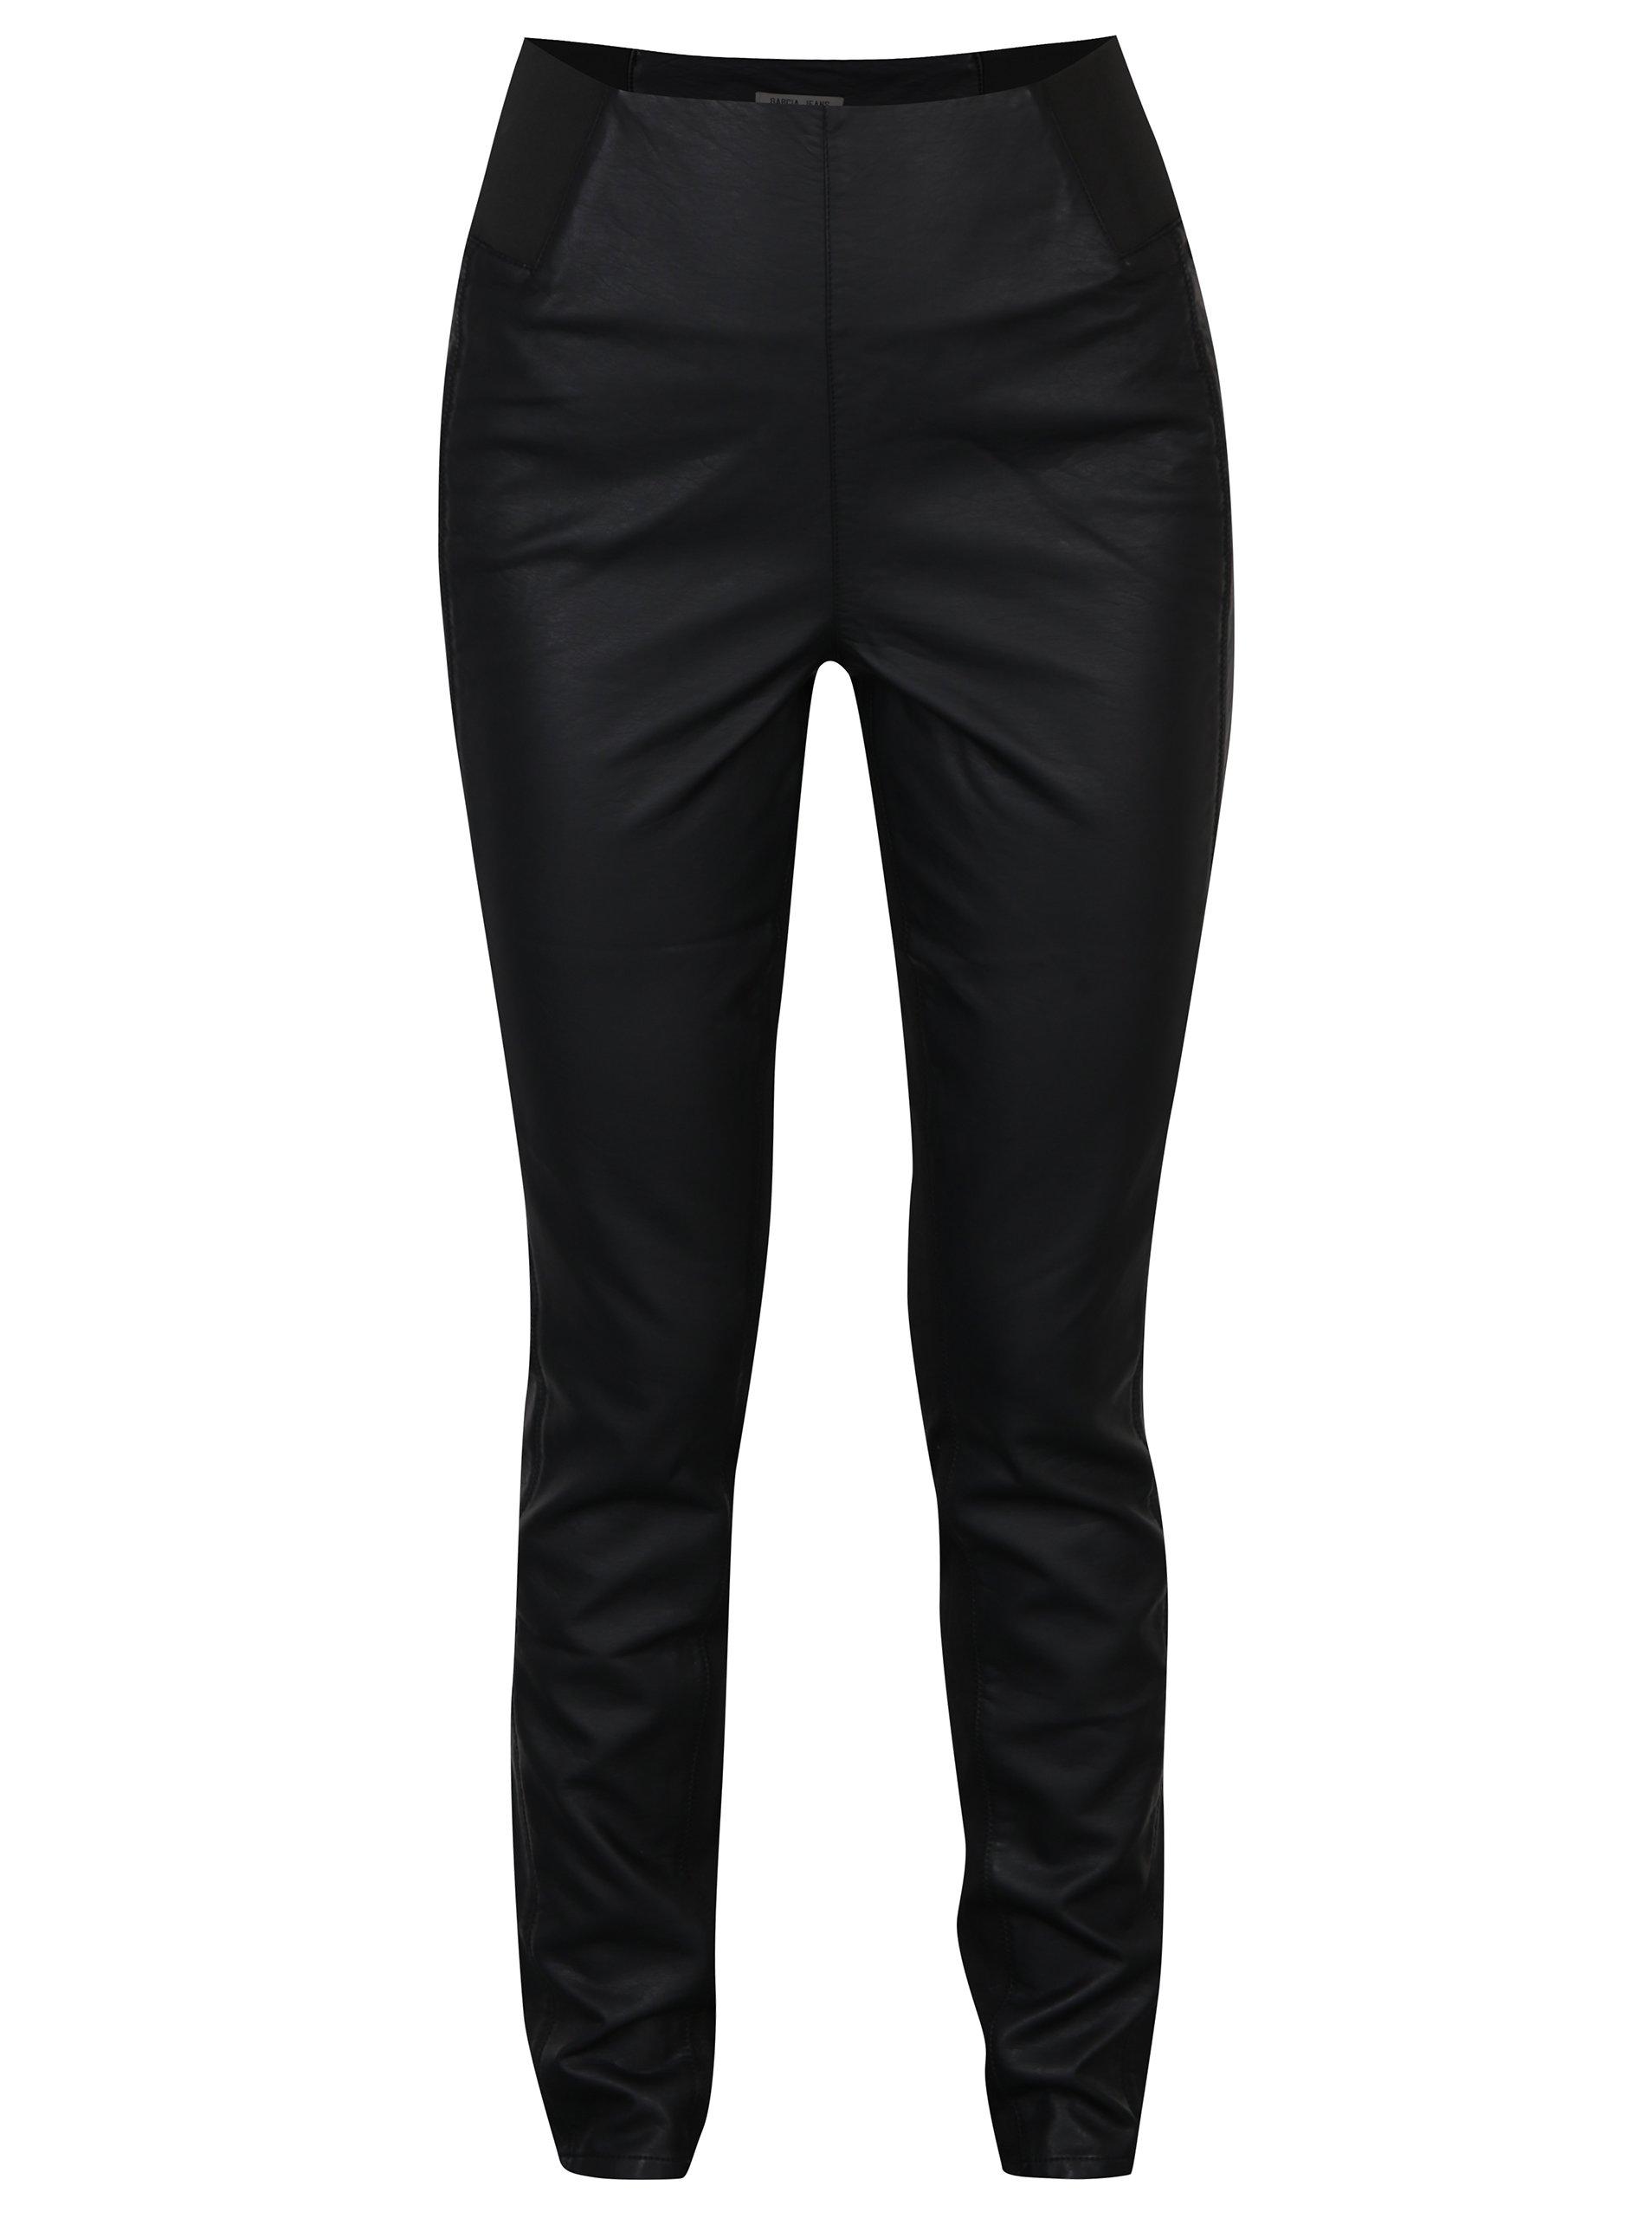 Čierne dámske priliehavé koženkové nohavice s vysokým pásom Garcia Jeans